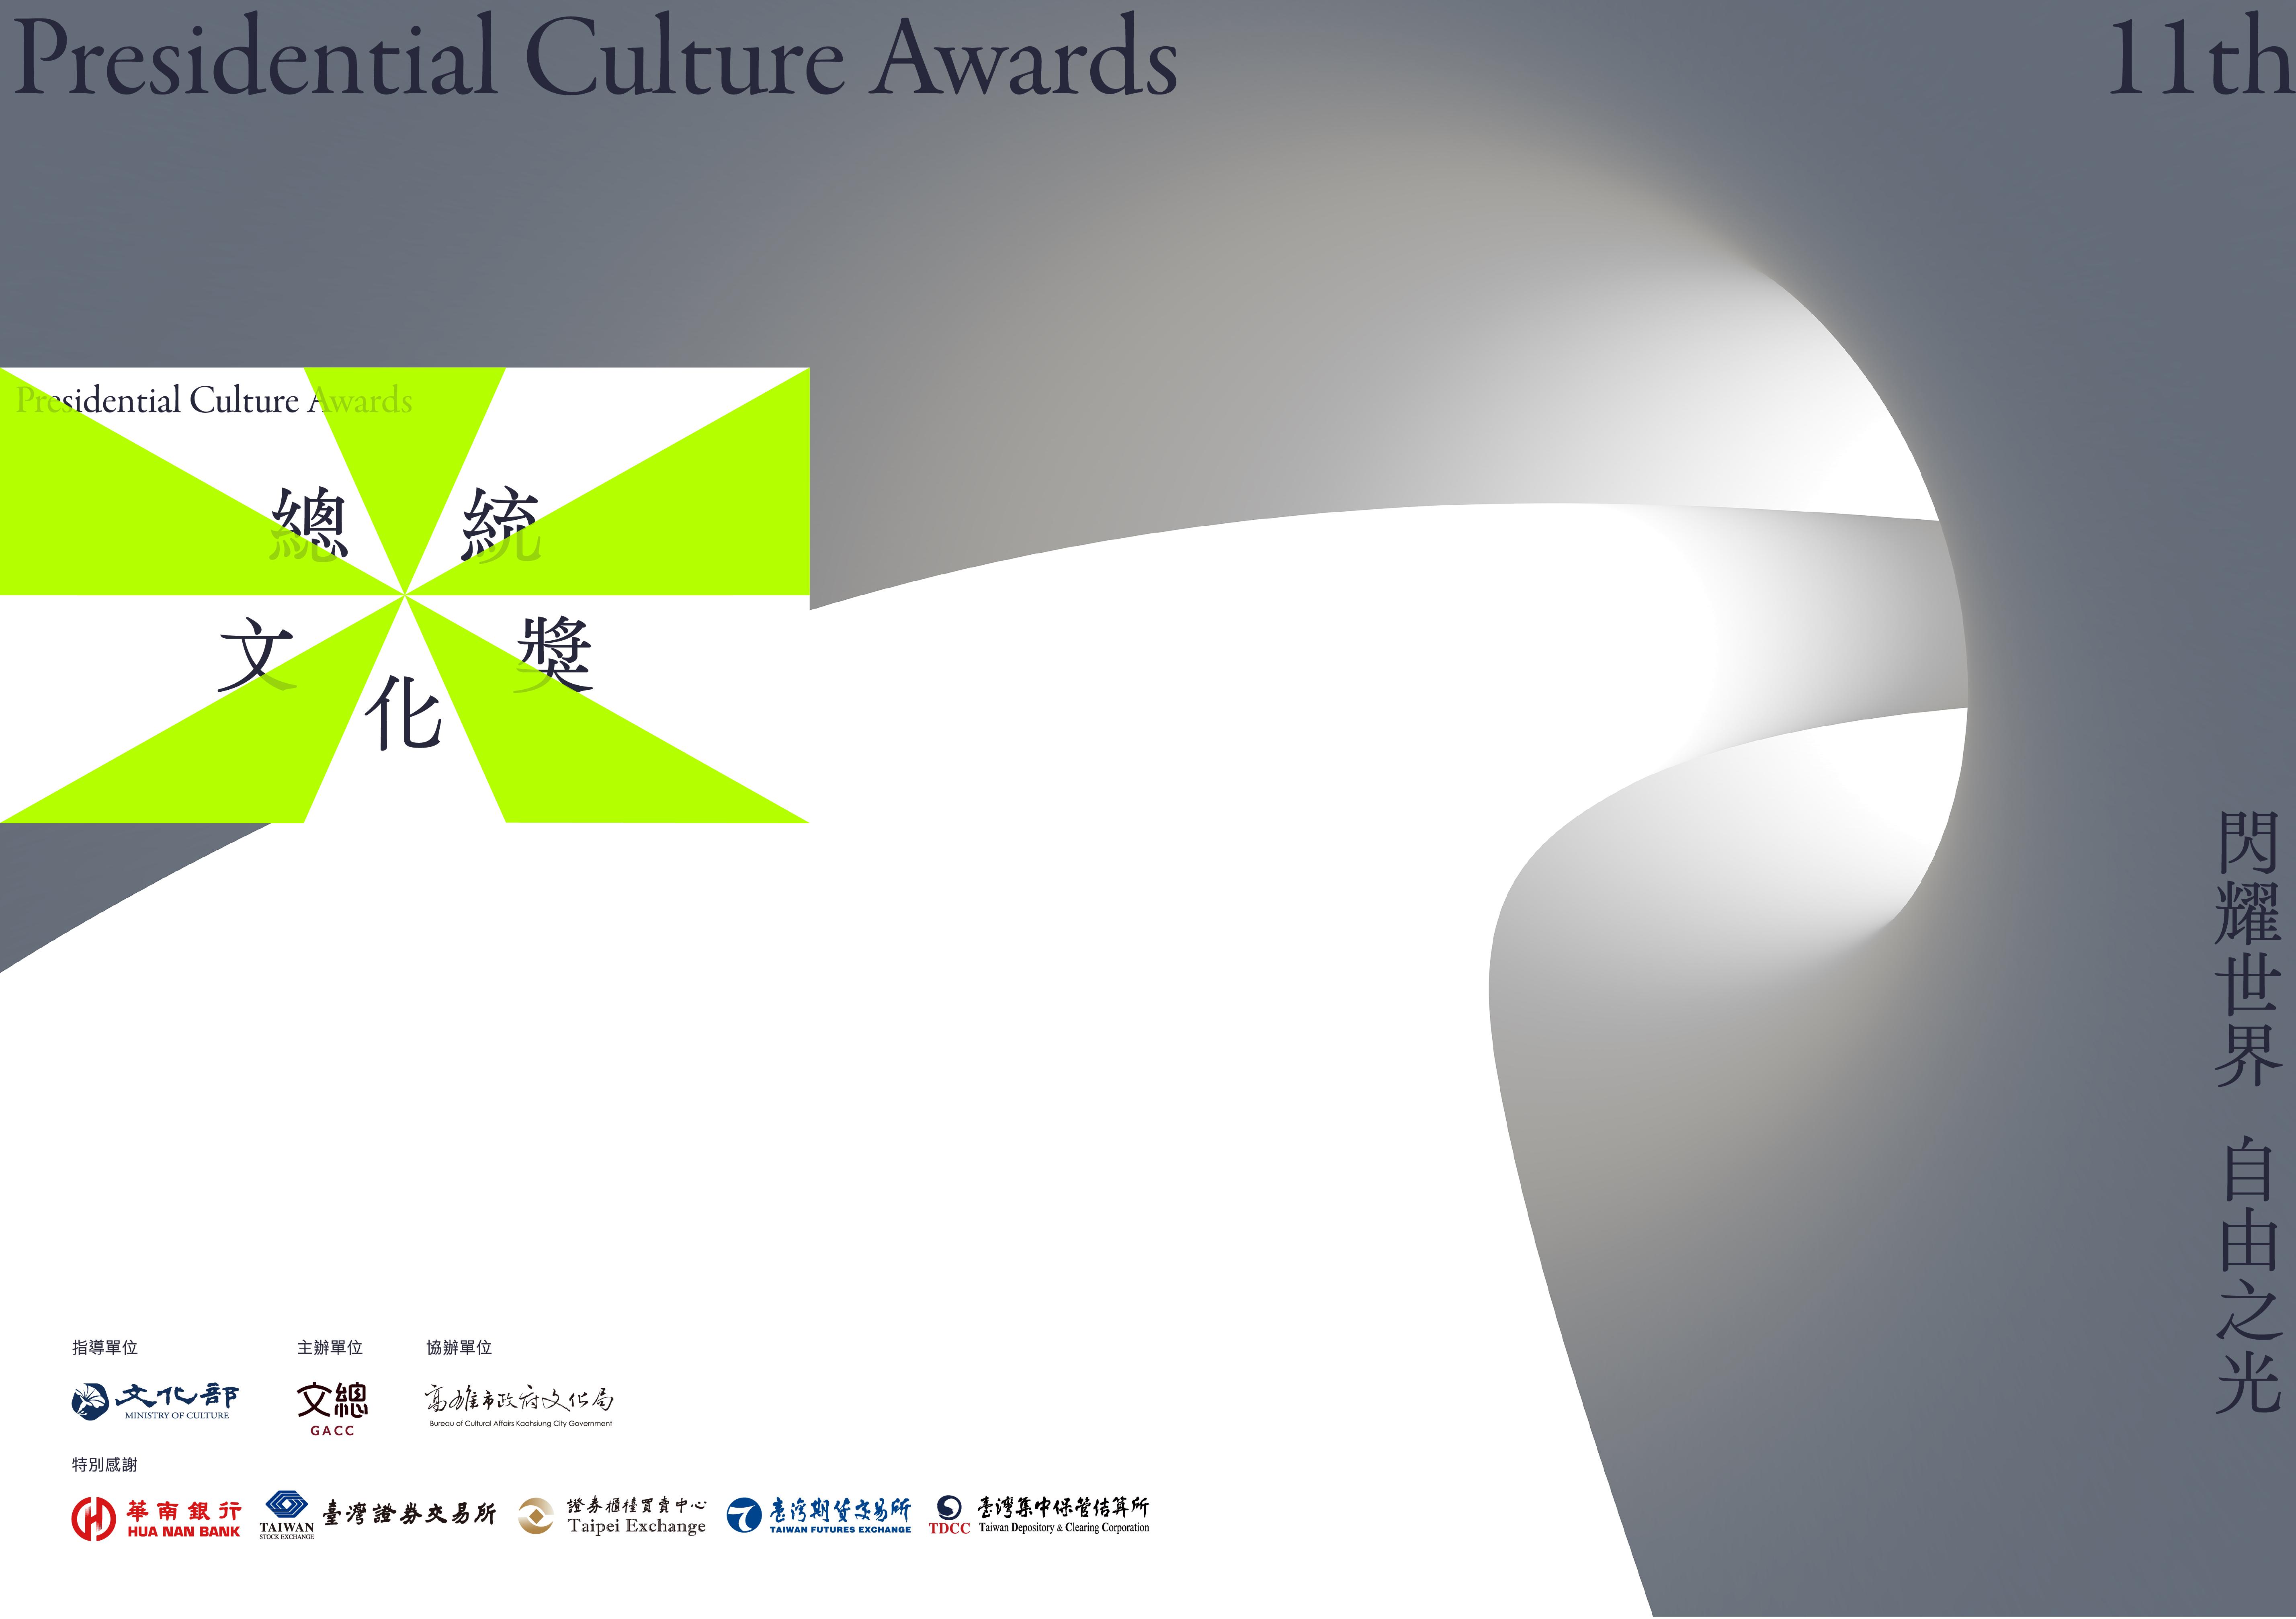 「第11屆總統文化獎」徵件起跑「閃耀世界,自由之光」向文協百年致敬